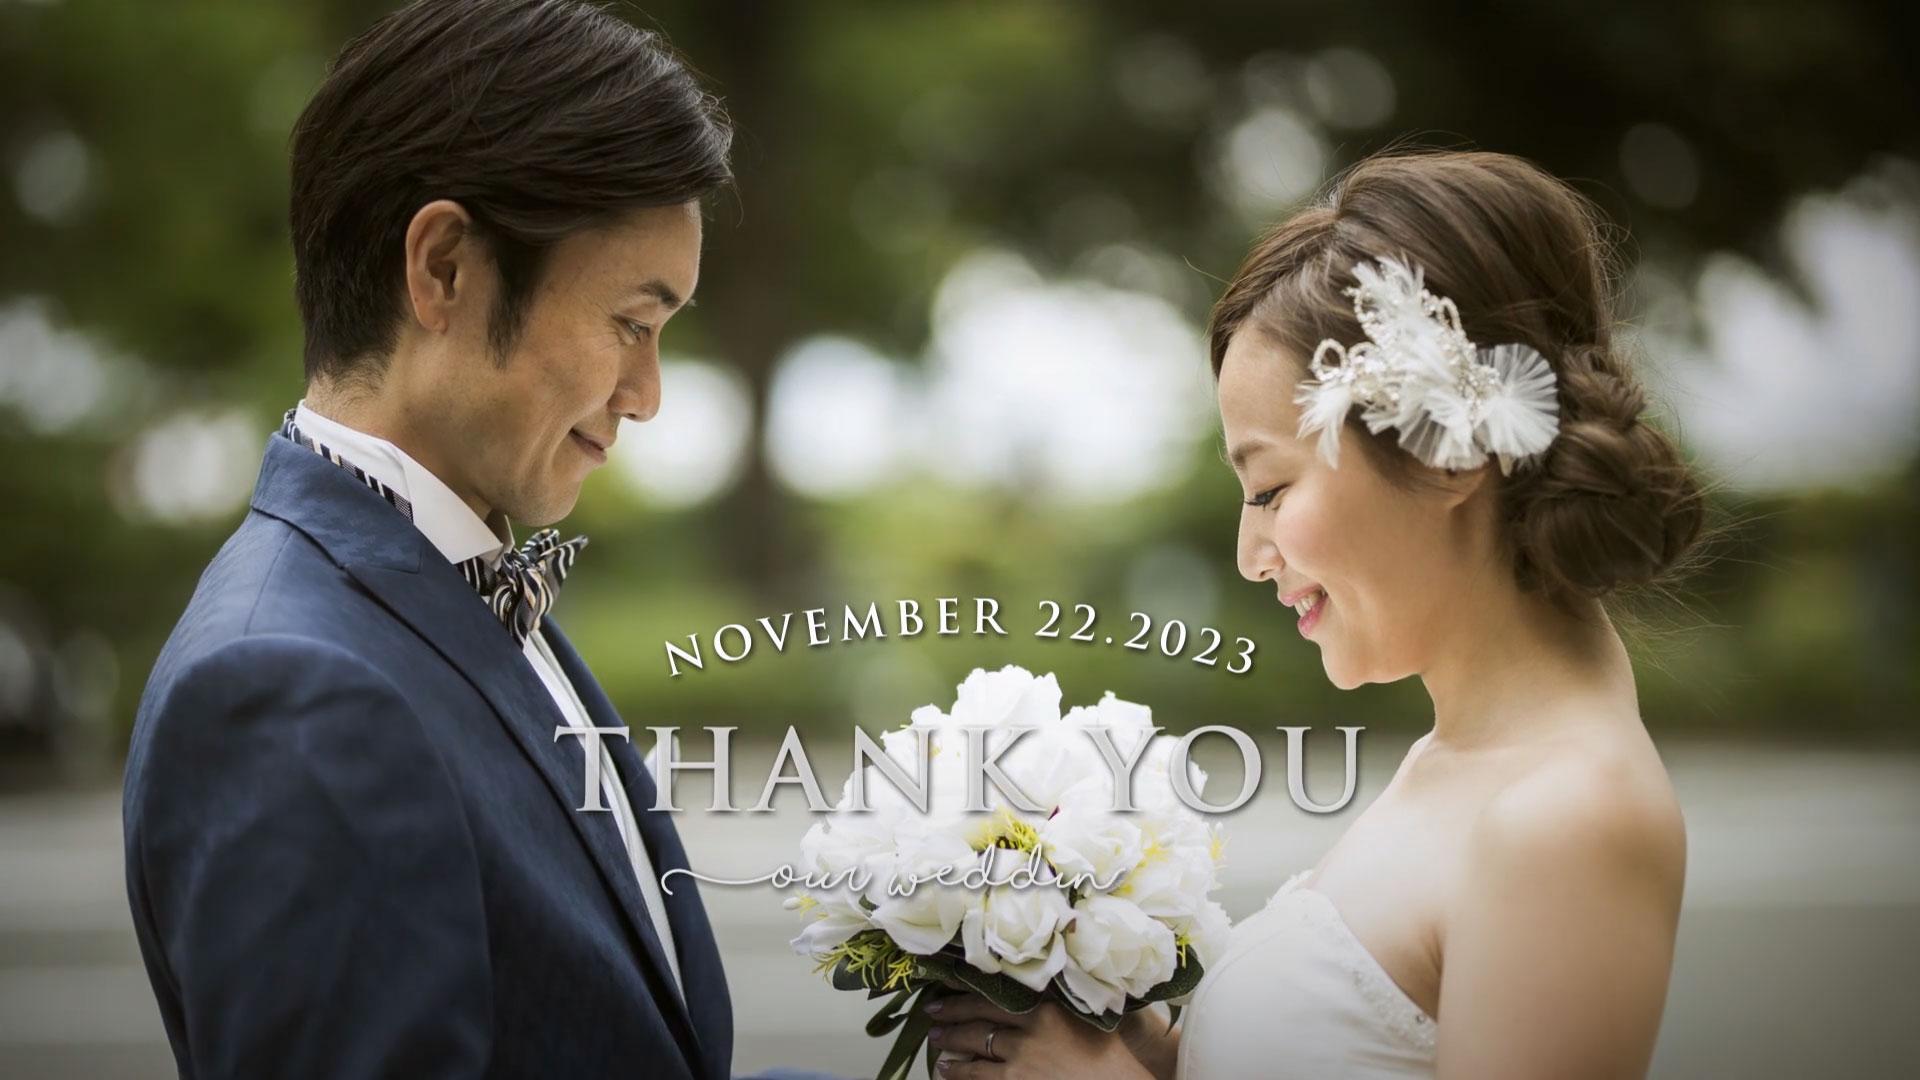 エンドロール/Thank You